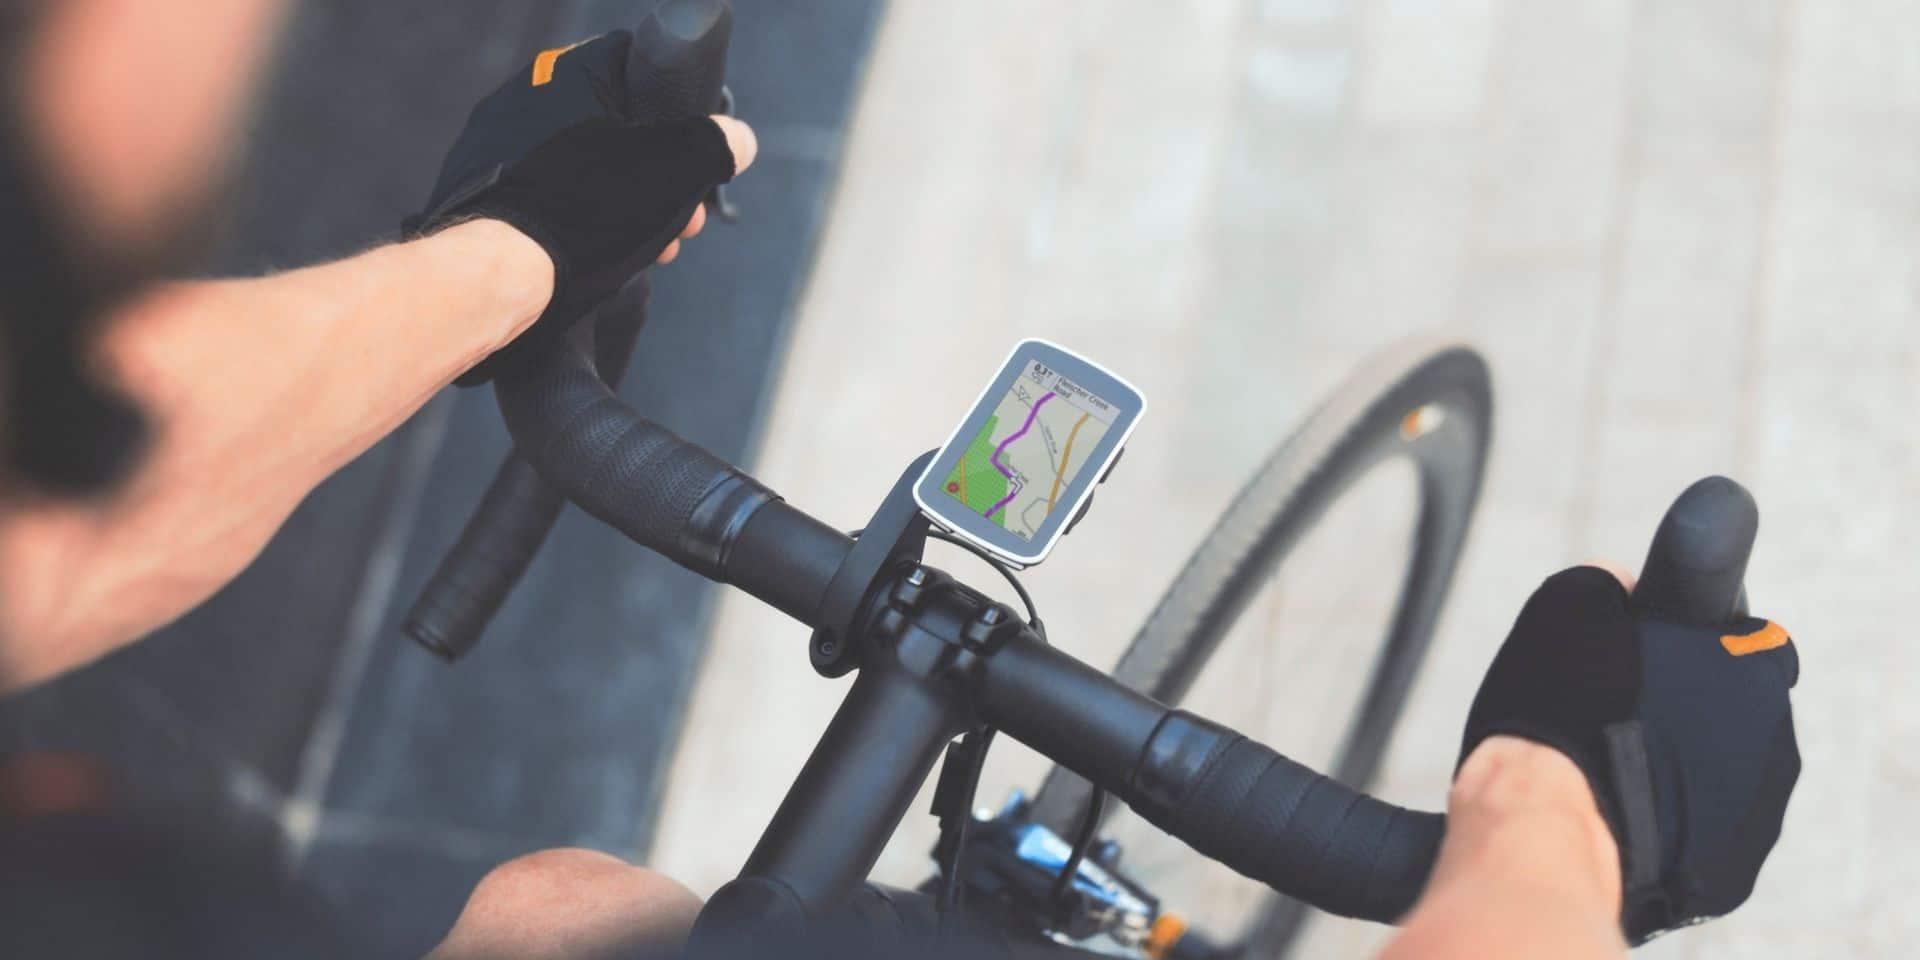 Gravel bike, apps, matériel,... : les nouveaux business du vélo